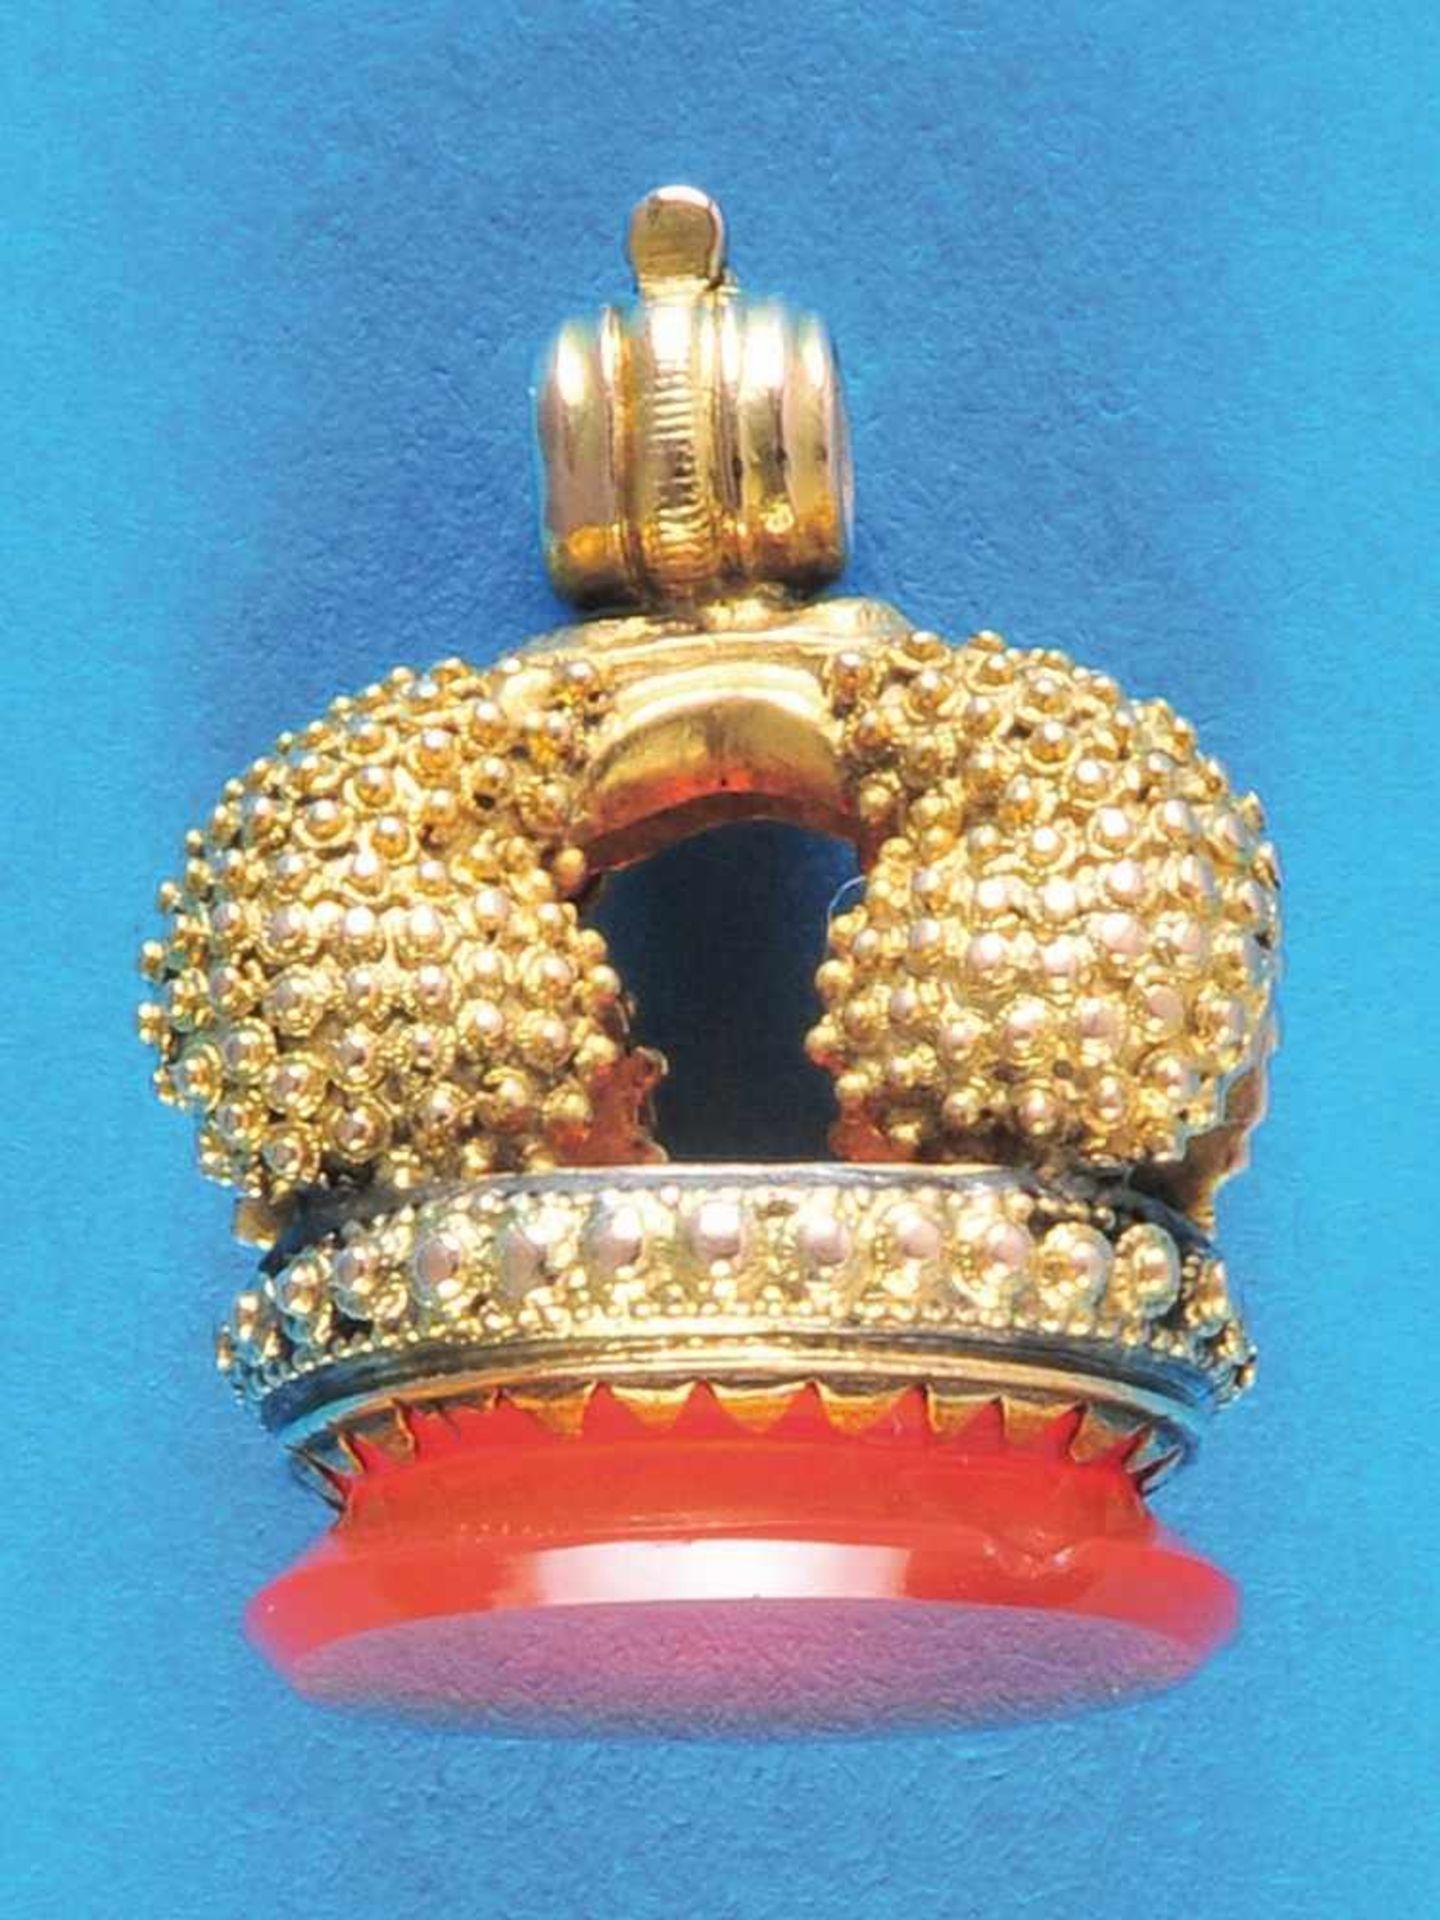 Los 54 - Golden signetGoldene Petschaft mit 6,24 Gramm, mit Koralle ausgefasst (4947) 250